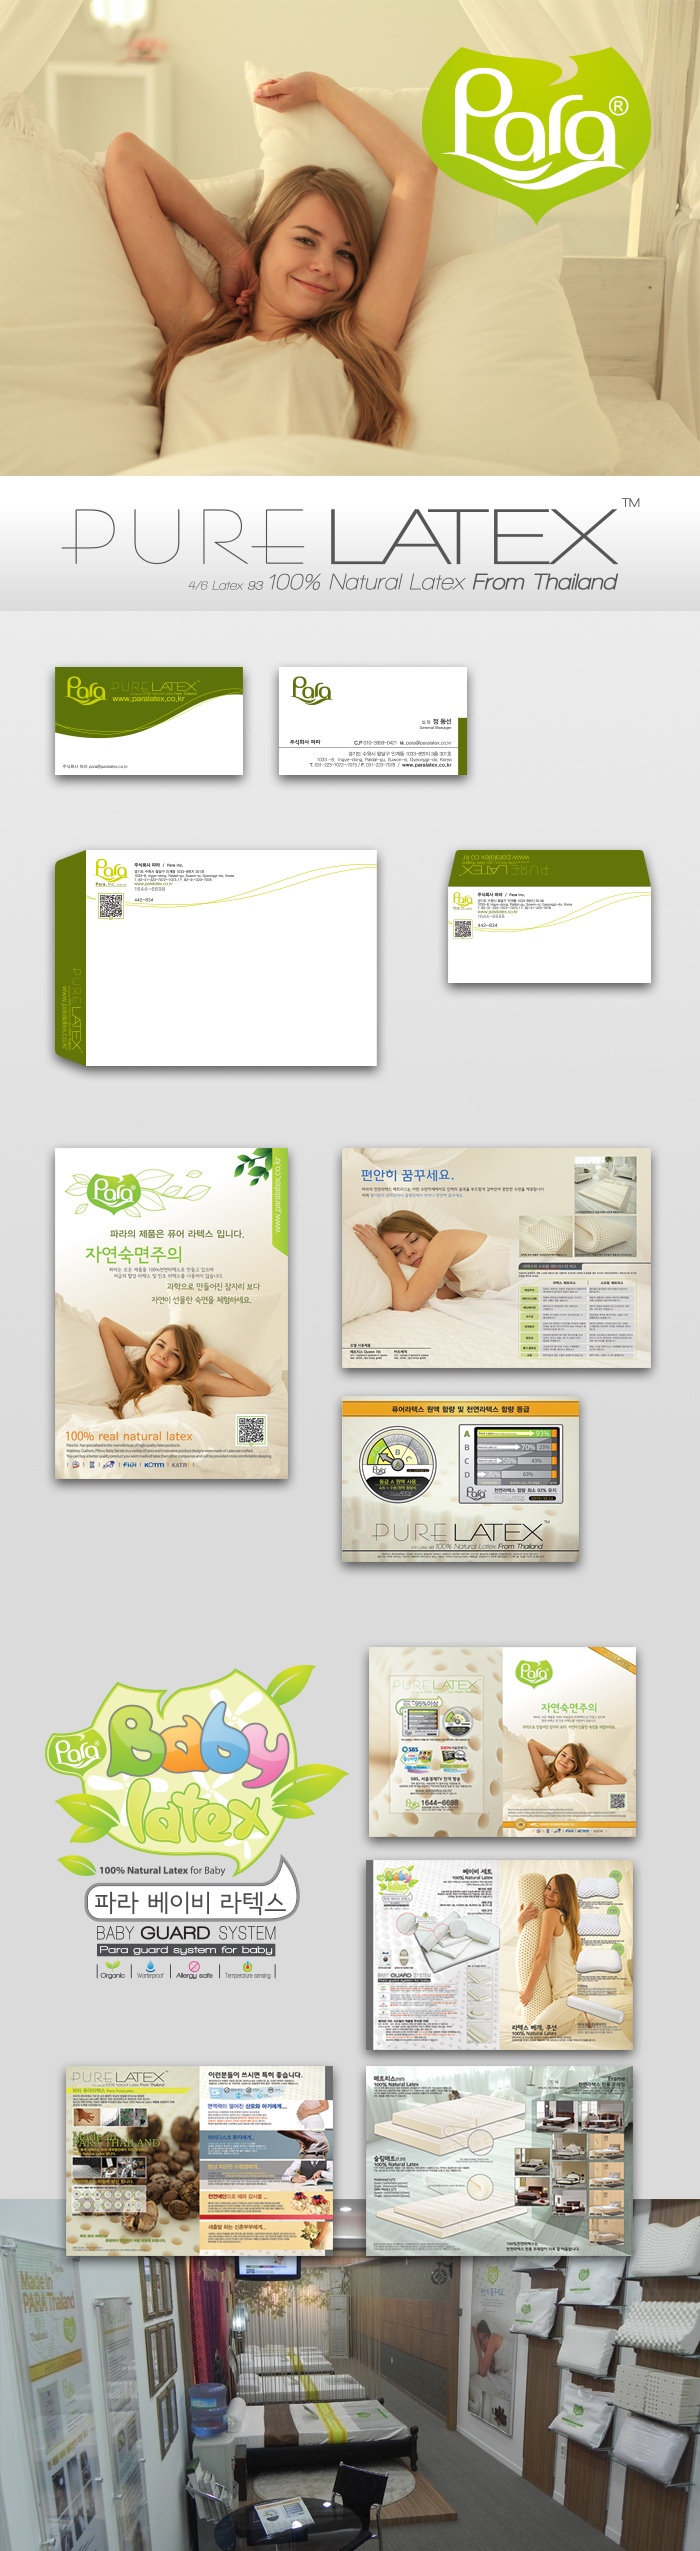 http://www.novodesign.co.kr/  BI. para latex